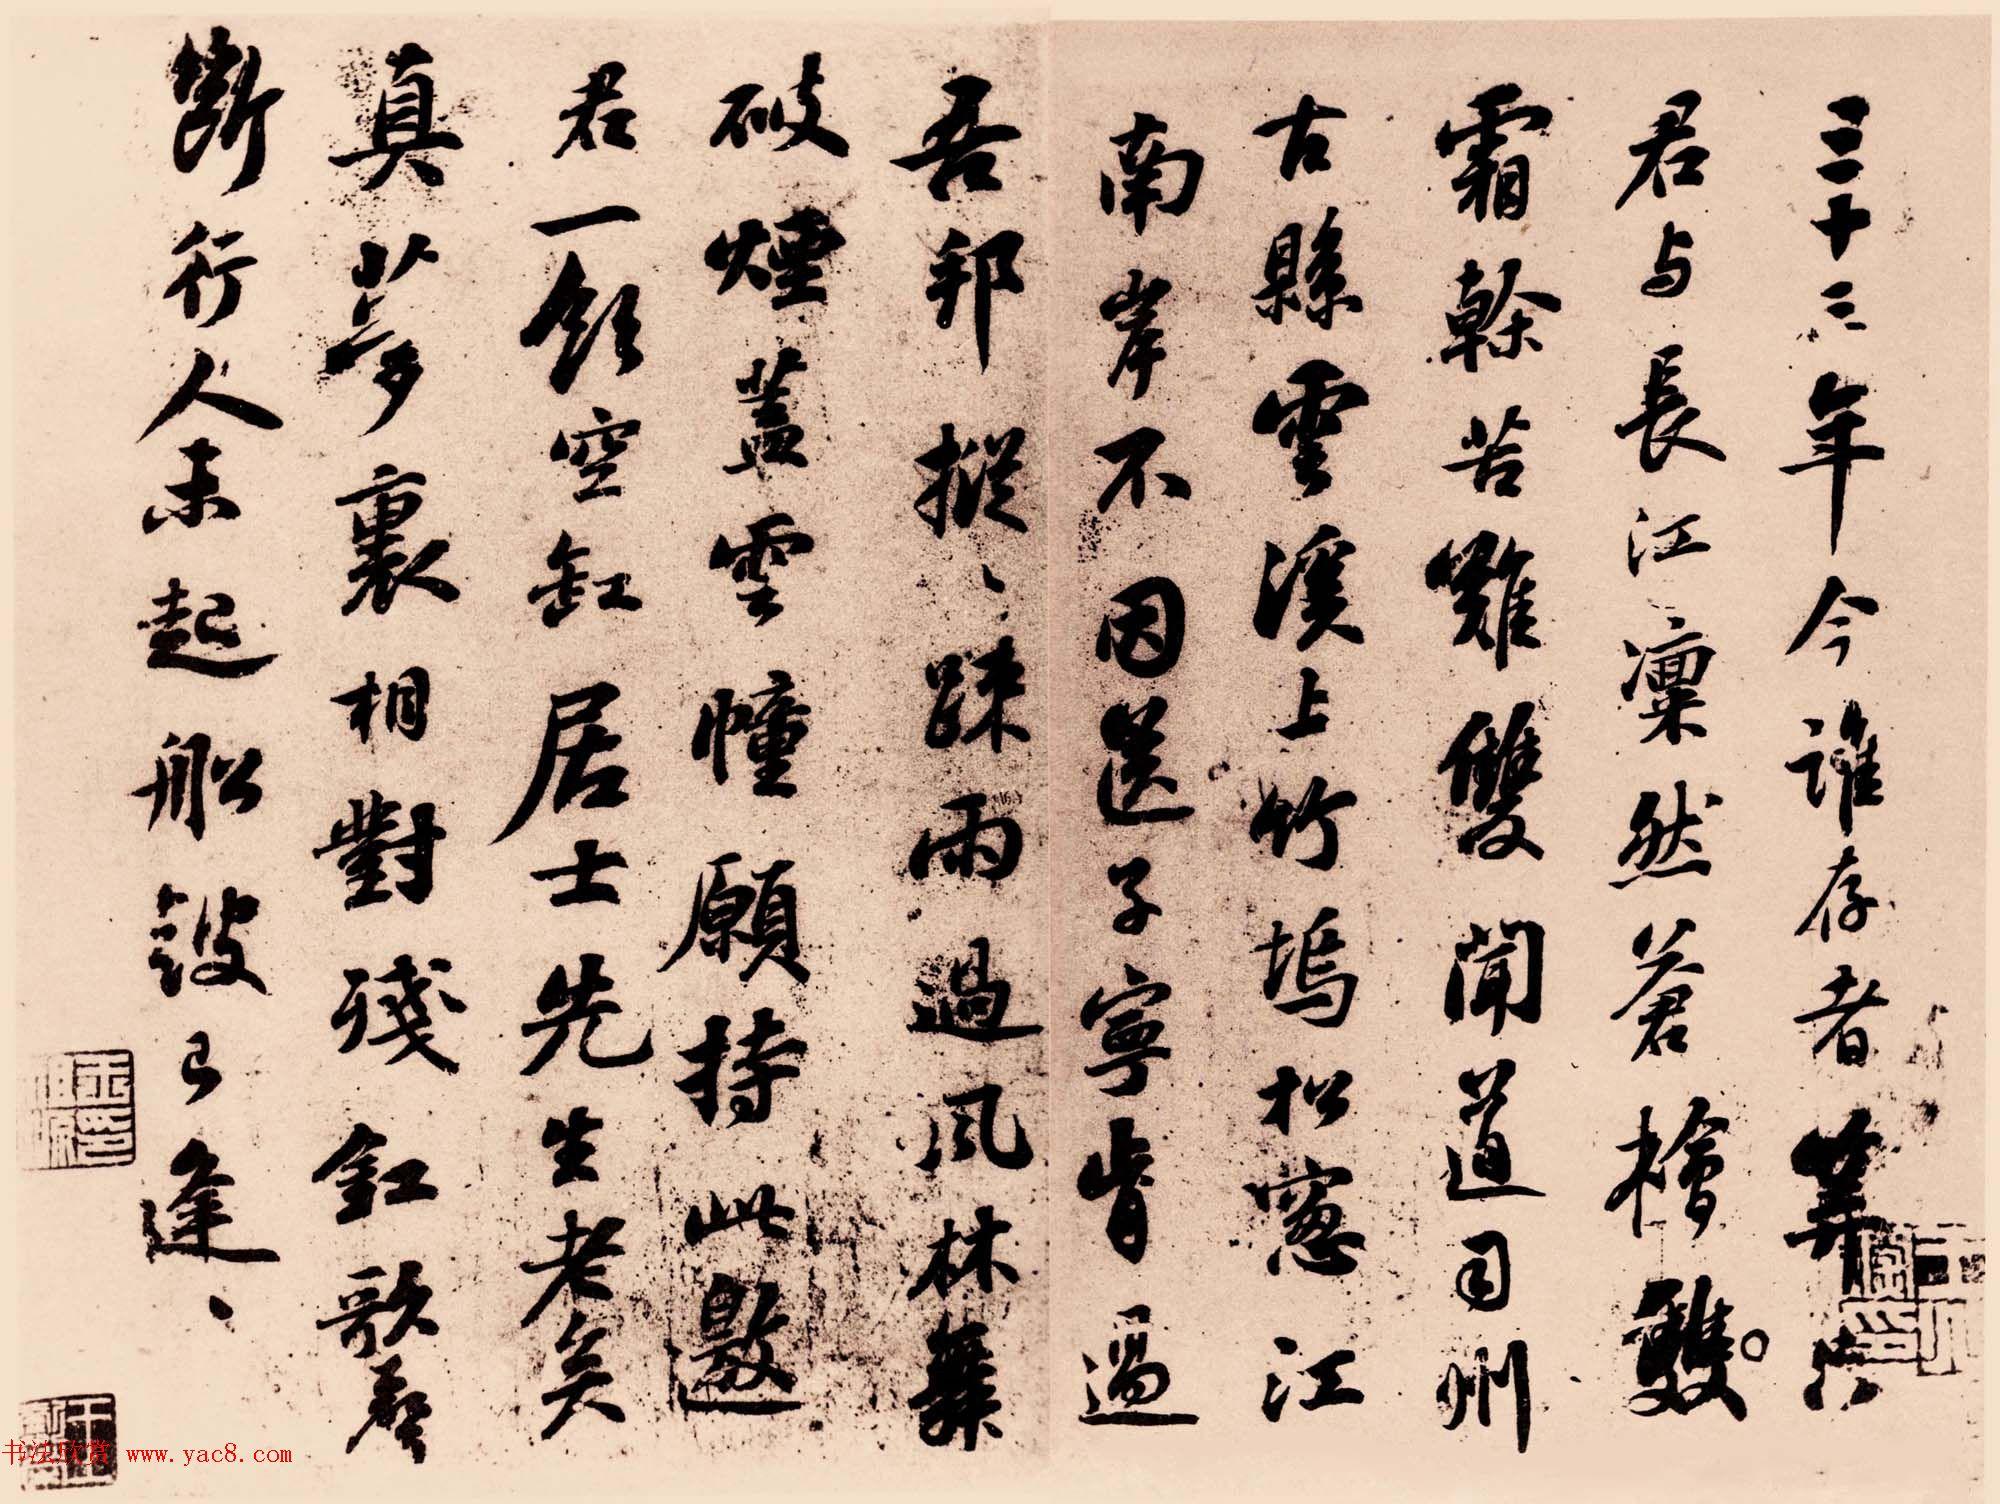 宋代苏轼行书墨迹赏析《满庭芳词》